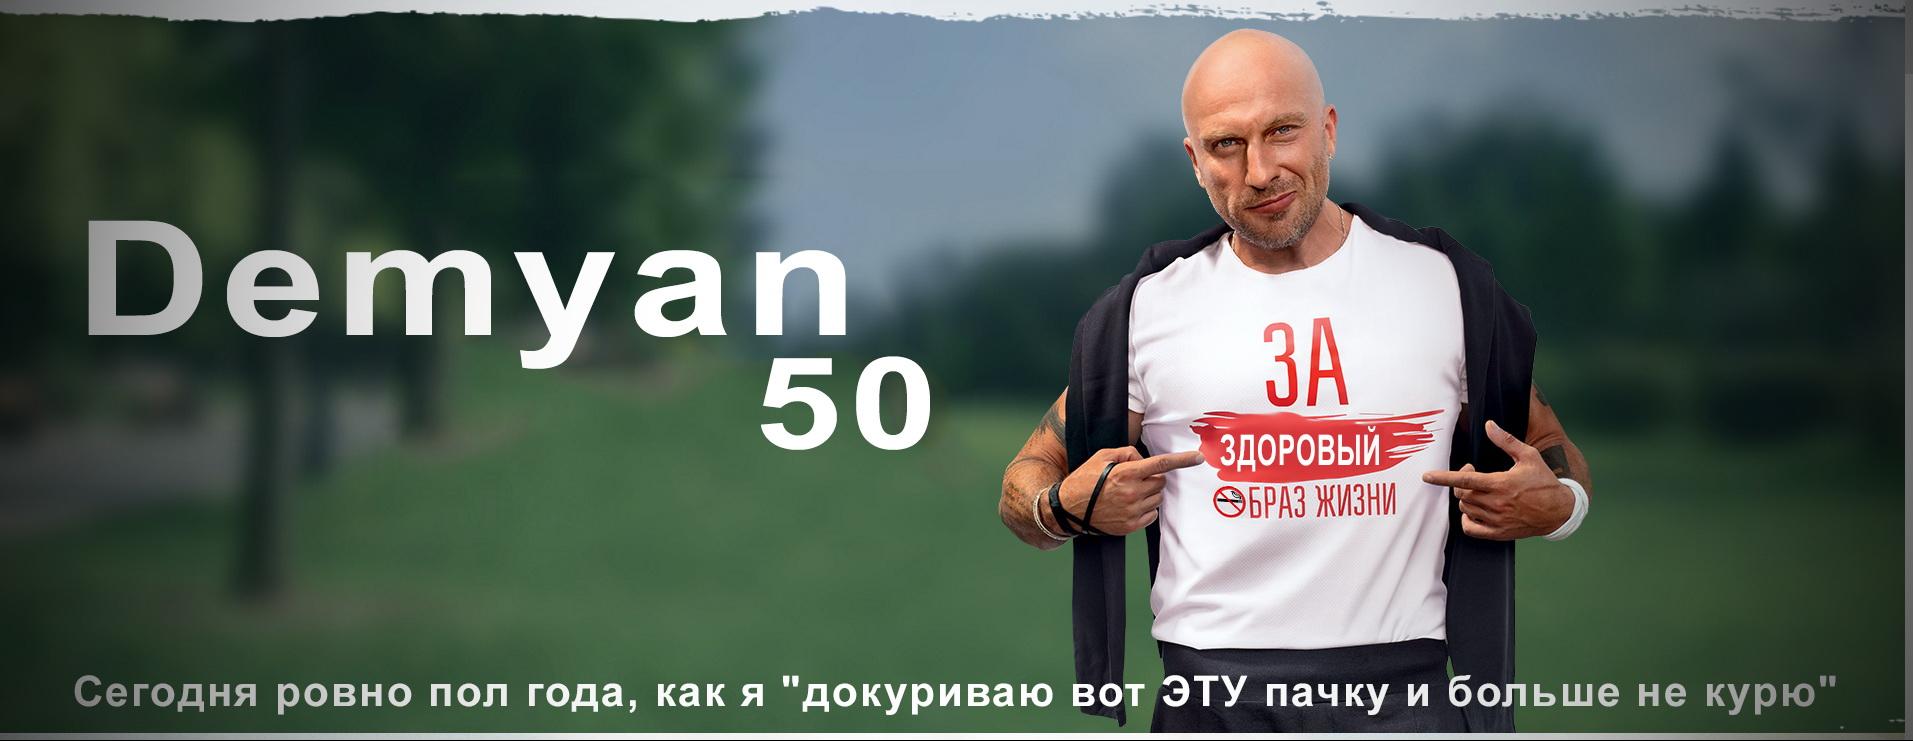 demyan50-jpg.263418